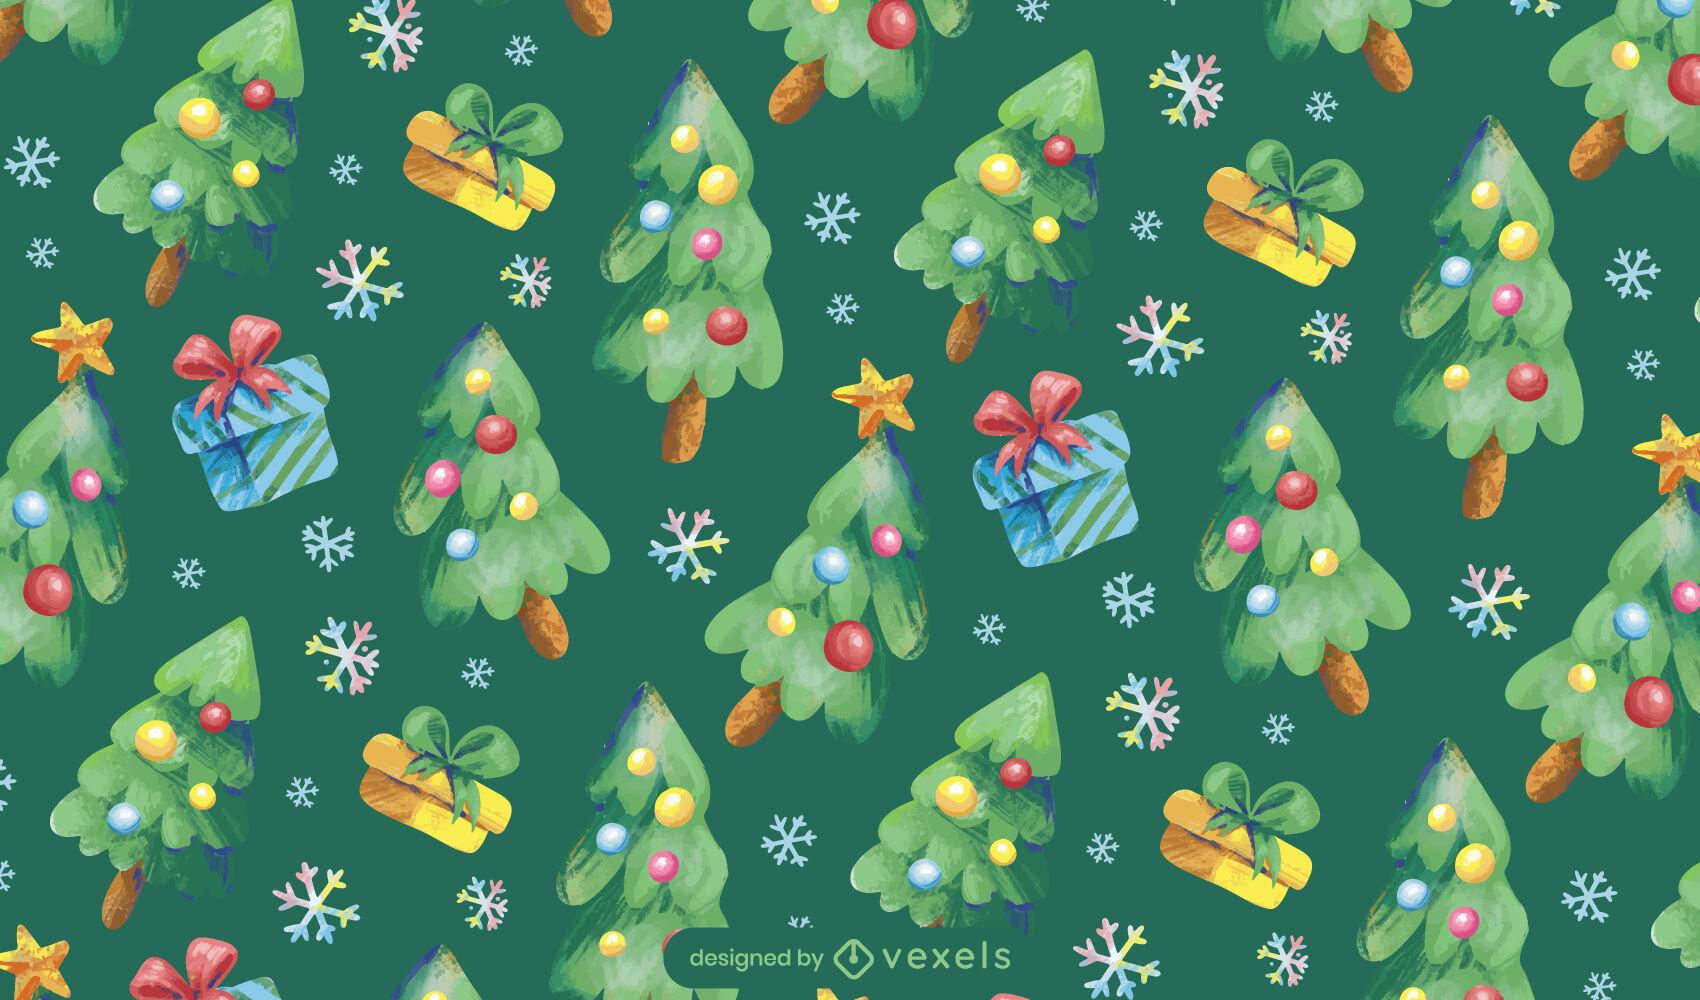 Dise?o de patr?n de ?rbol de Navidad y regalos.